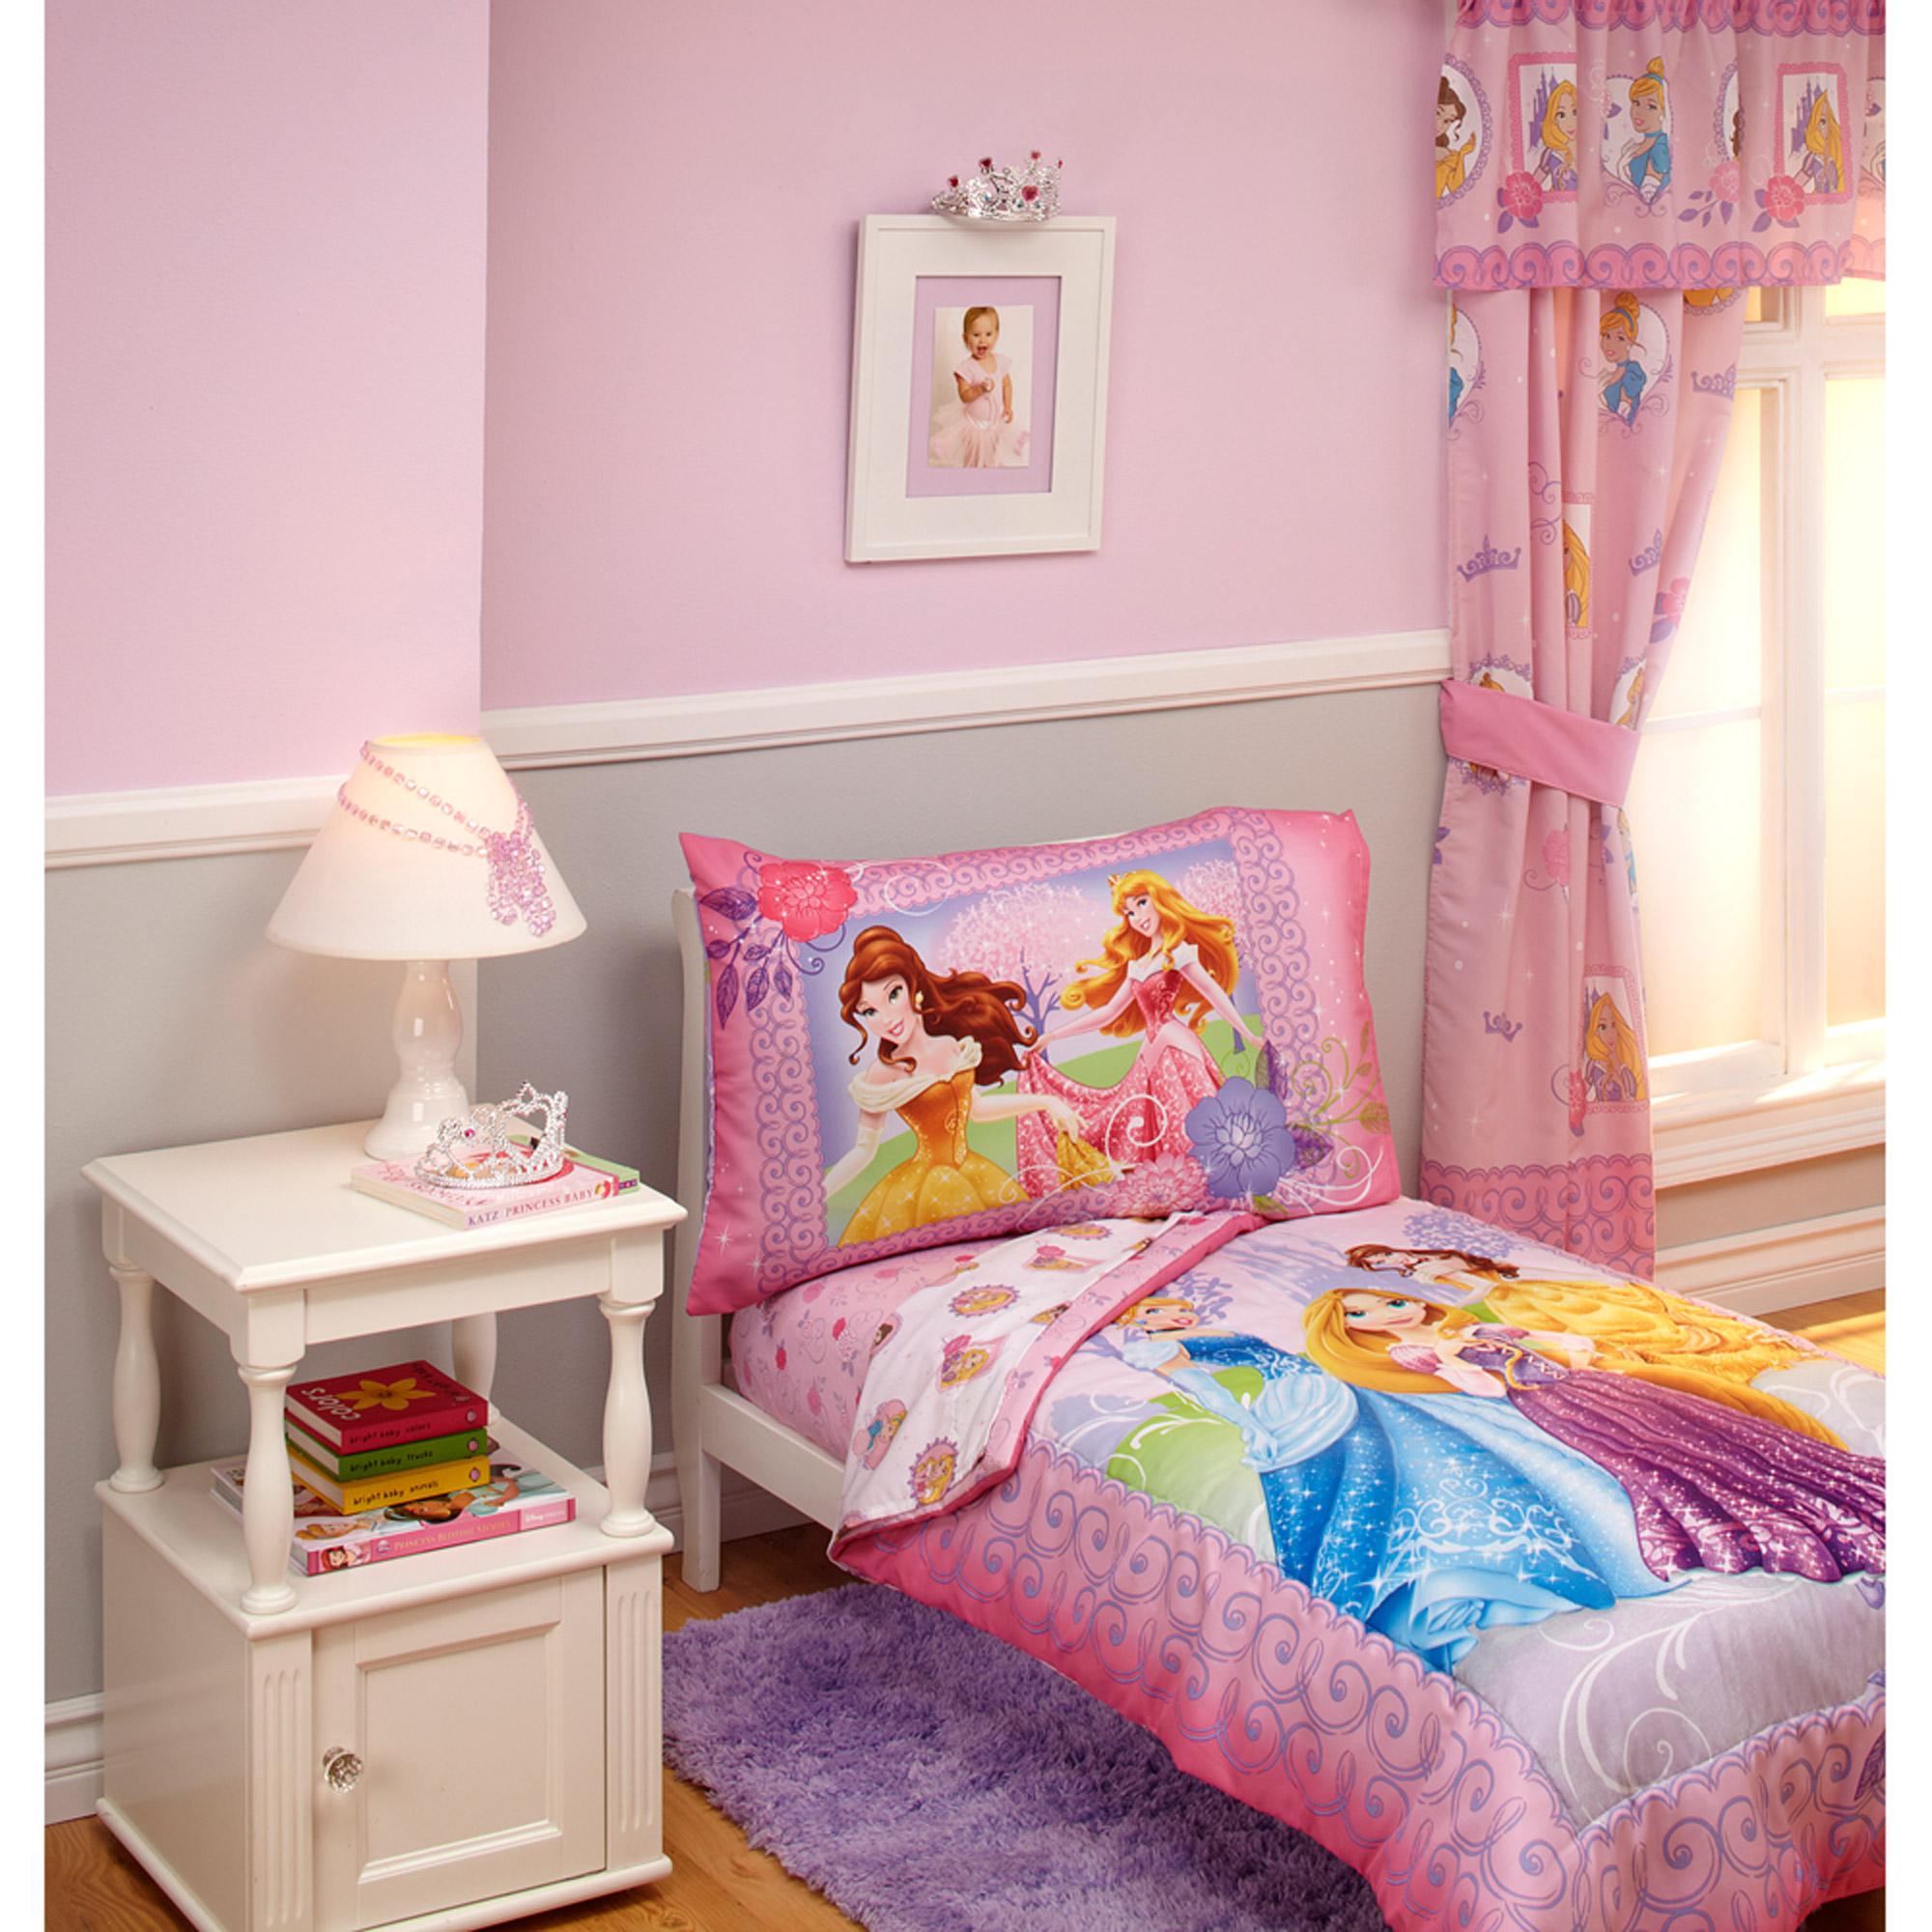 Disney - Princess Timeless Elegance 4pc Toddler Bedding Set